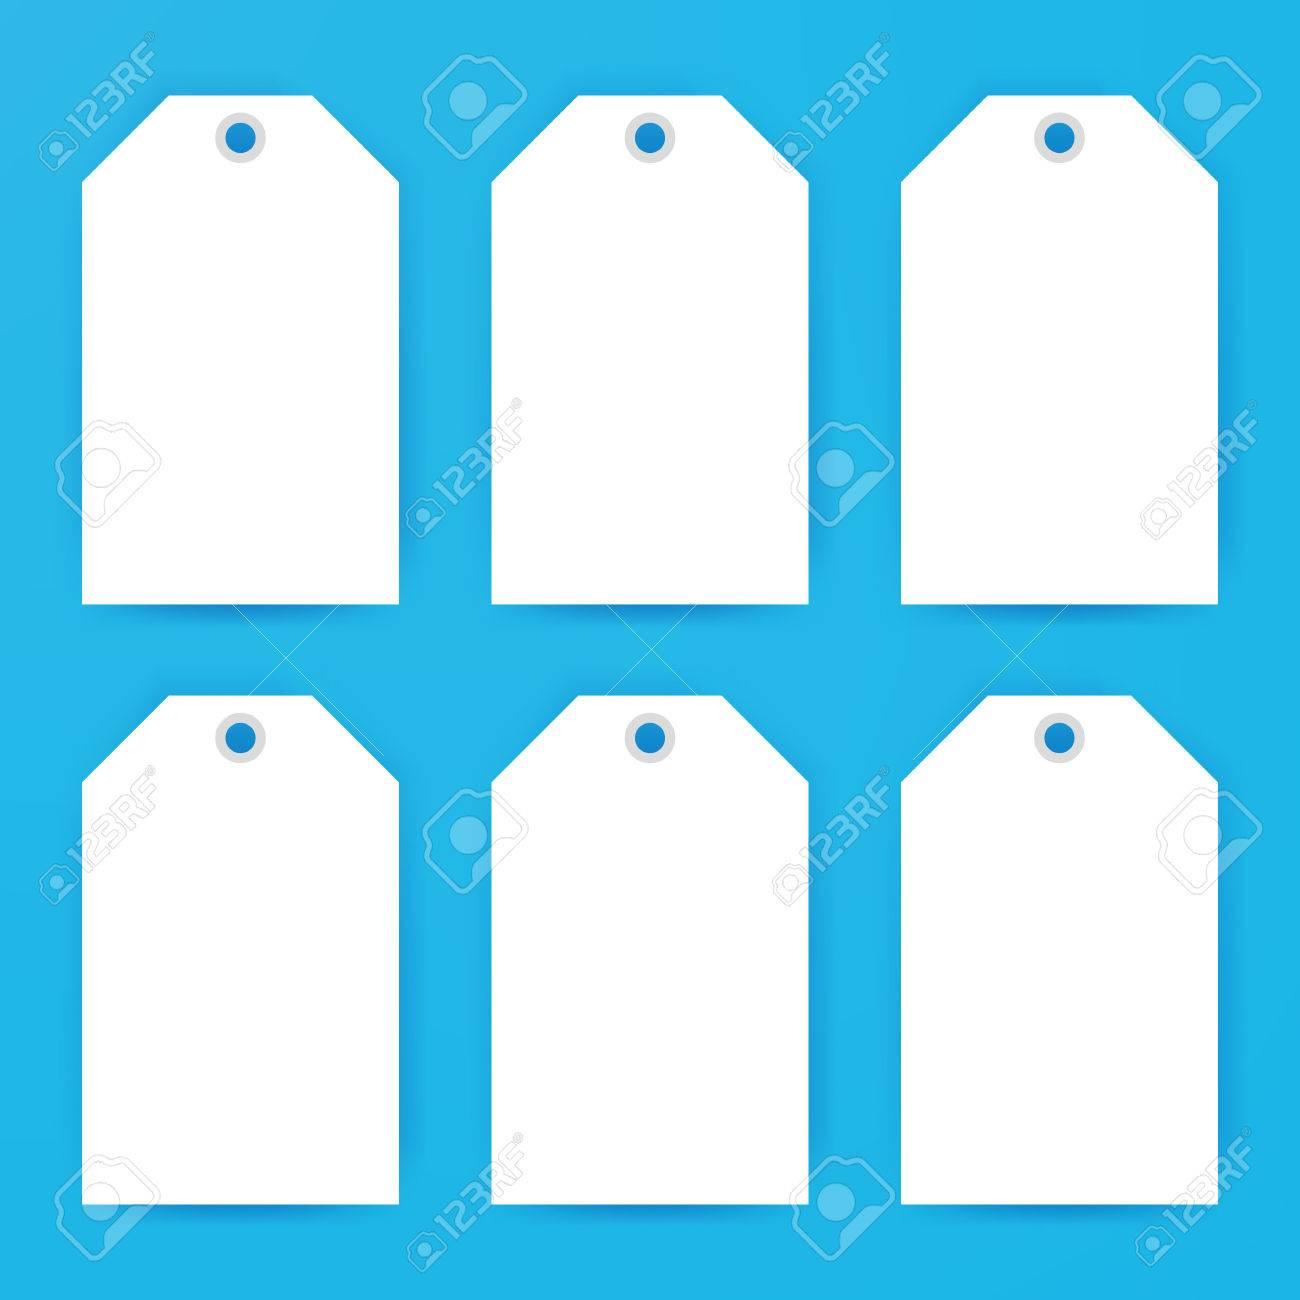 etiquetas de regalo maqueta vacía ilustración vectorial de diseño